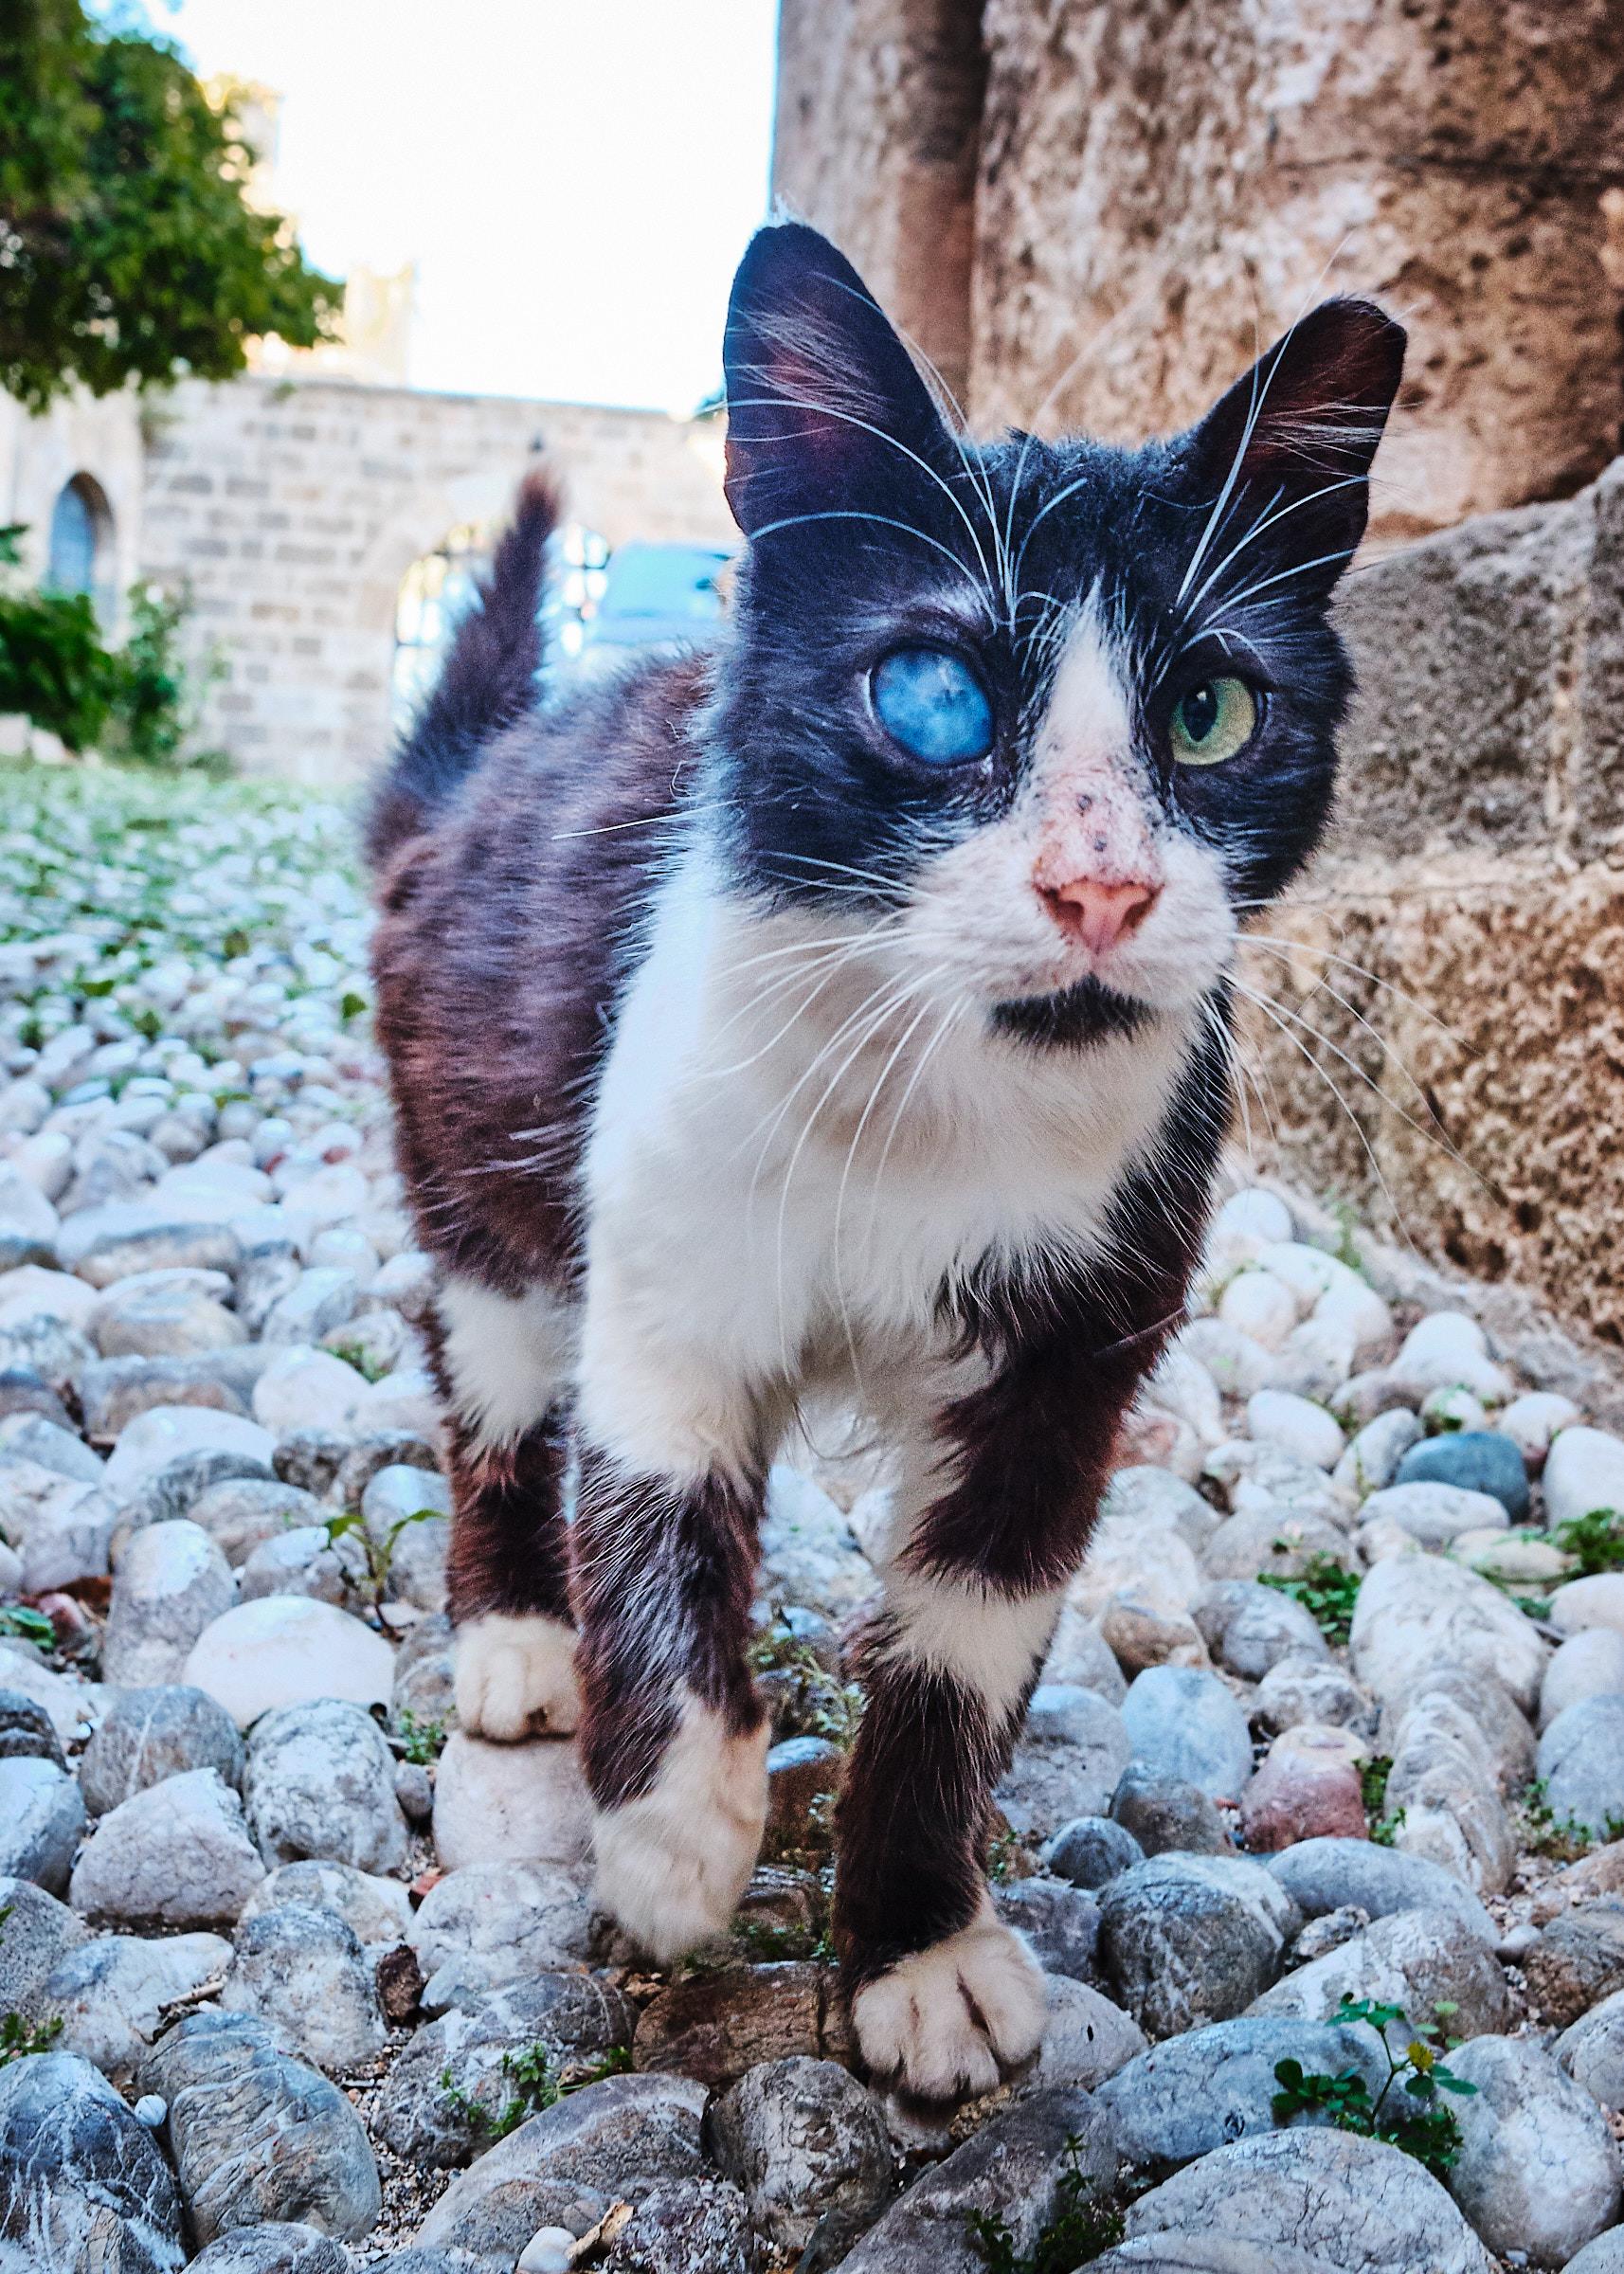 Många hemlösa katter finns det på Rodos